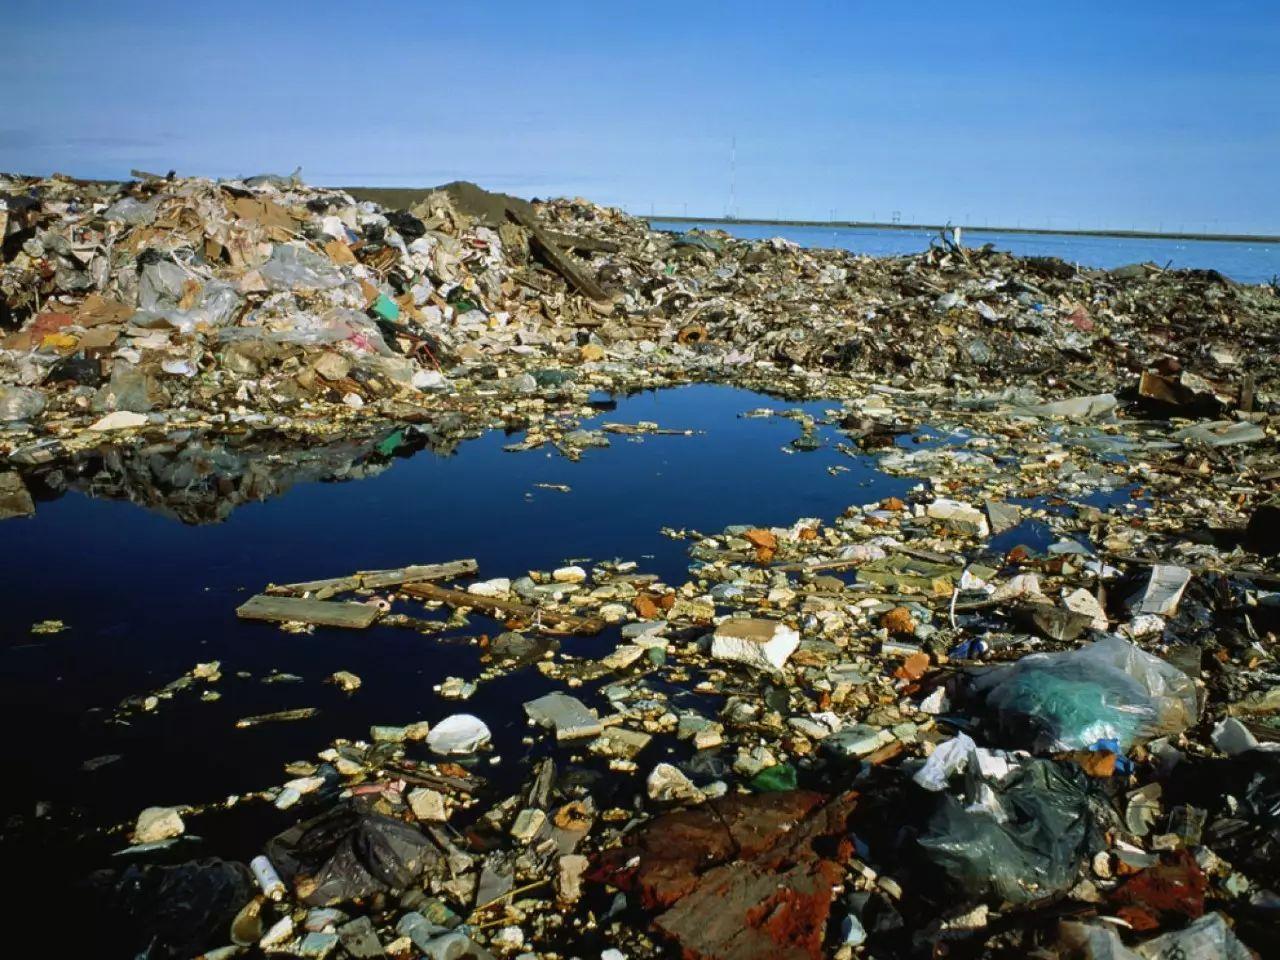 ▲堆积如山的塑料垃圾。图据《国家地理》杂志